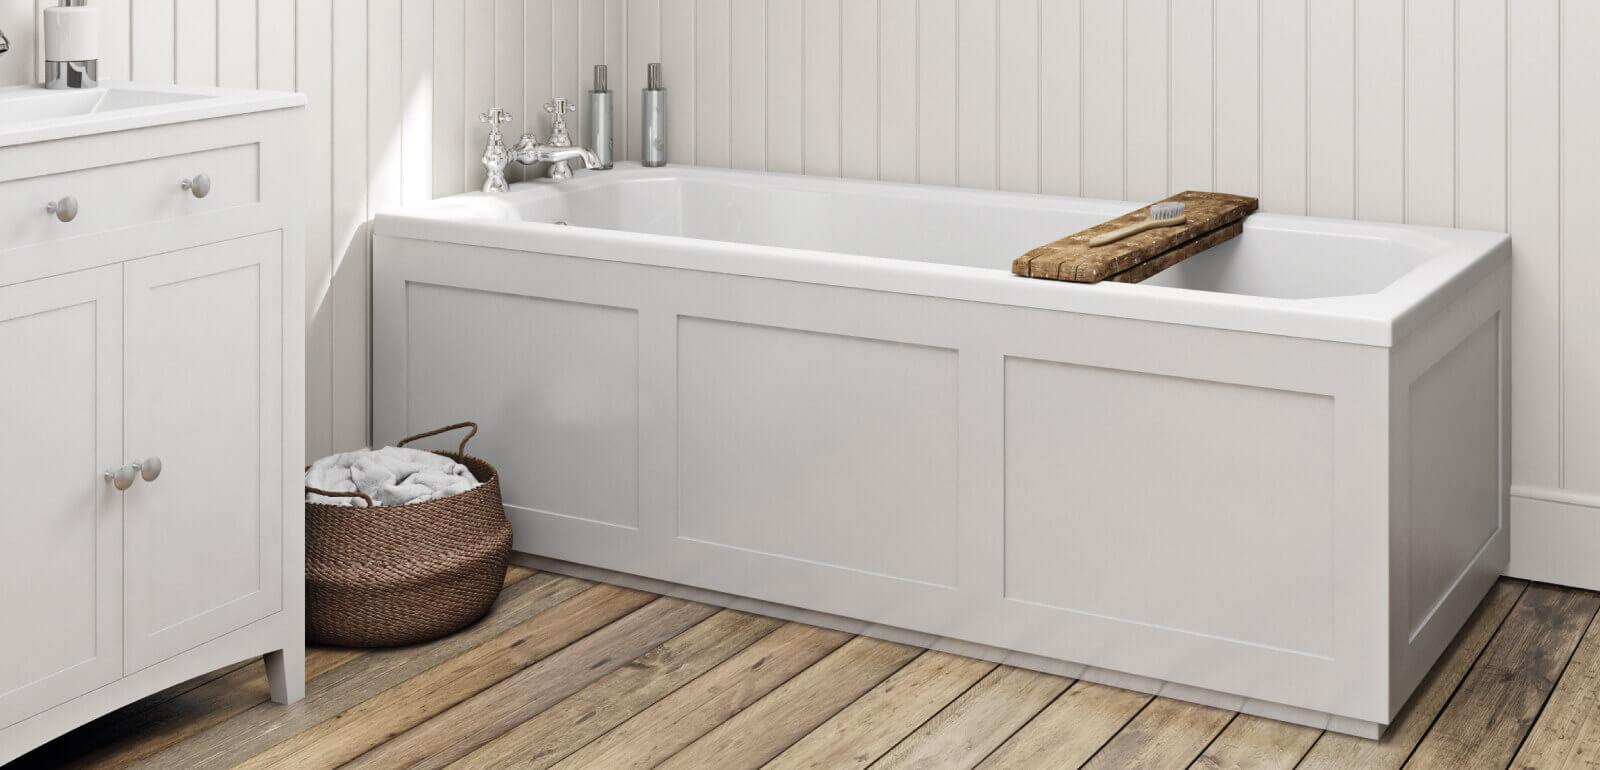 Plastic Bathtub in a modern budget bathroom